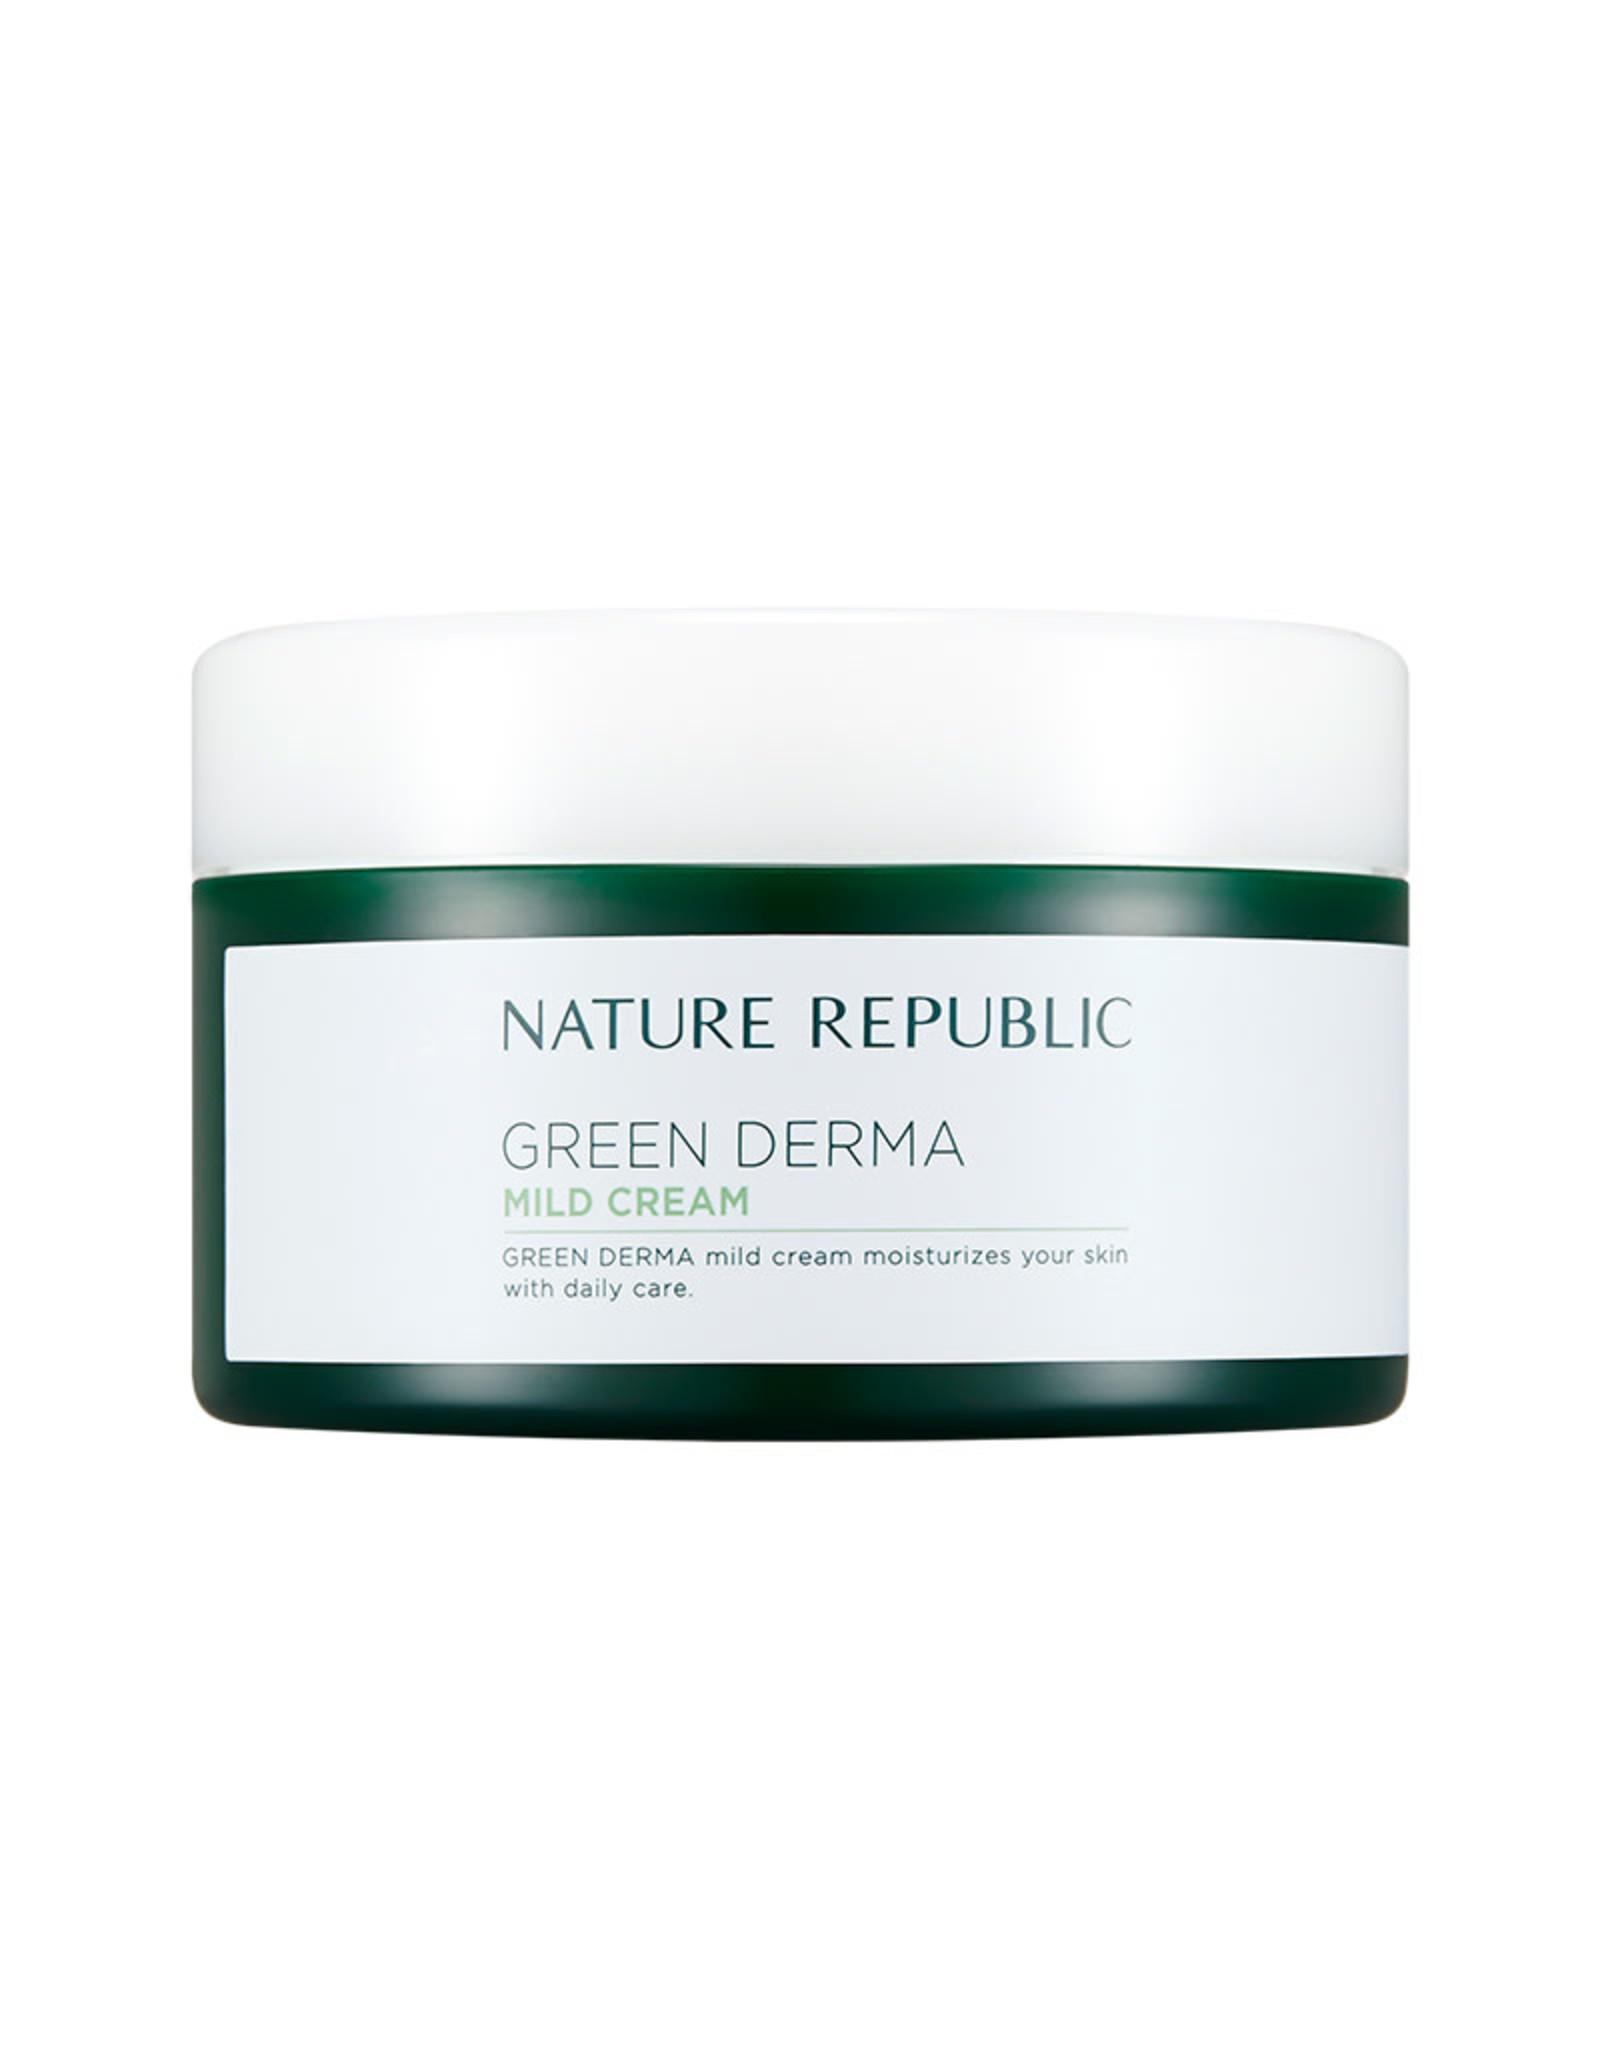 Green Derma Mild Cream